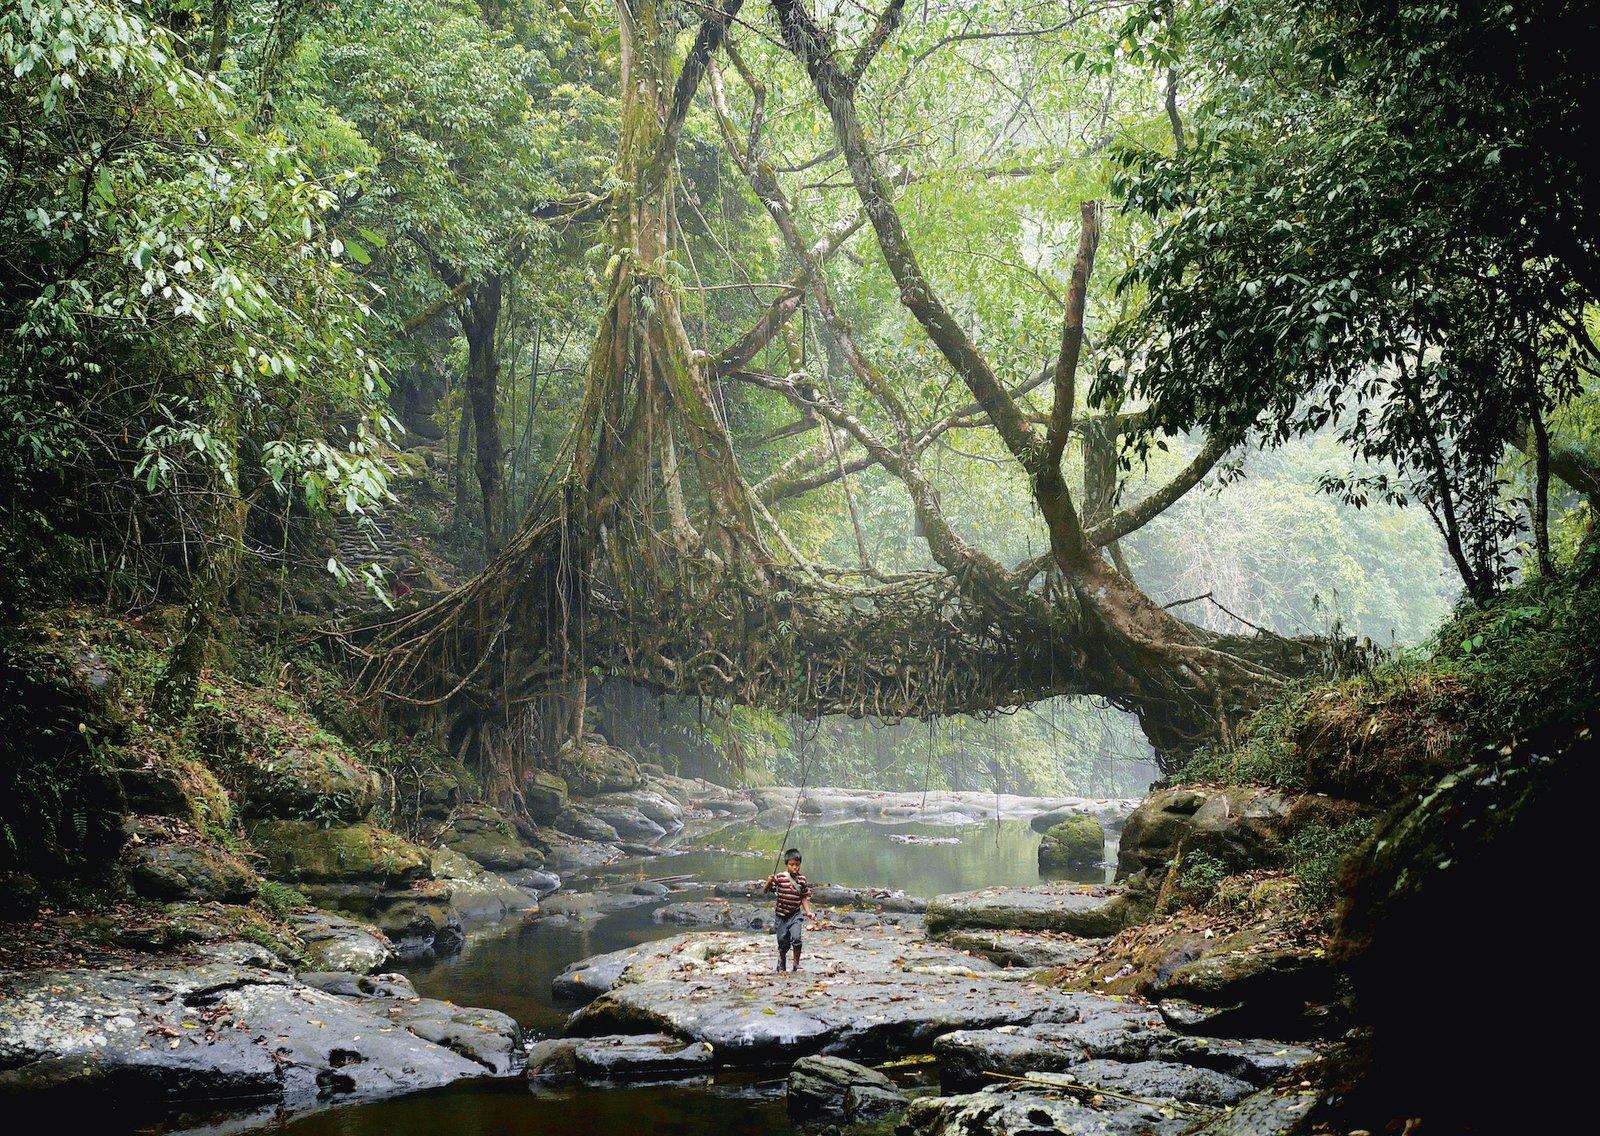 """jingkieng dieng jri or """"rubber tree bridge"""""""